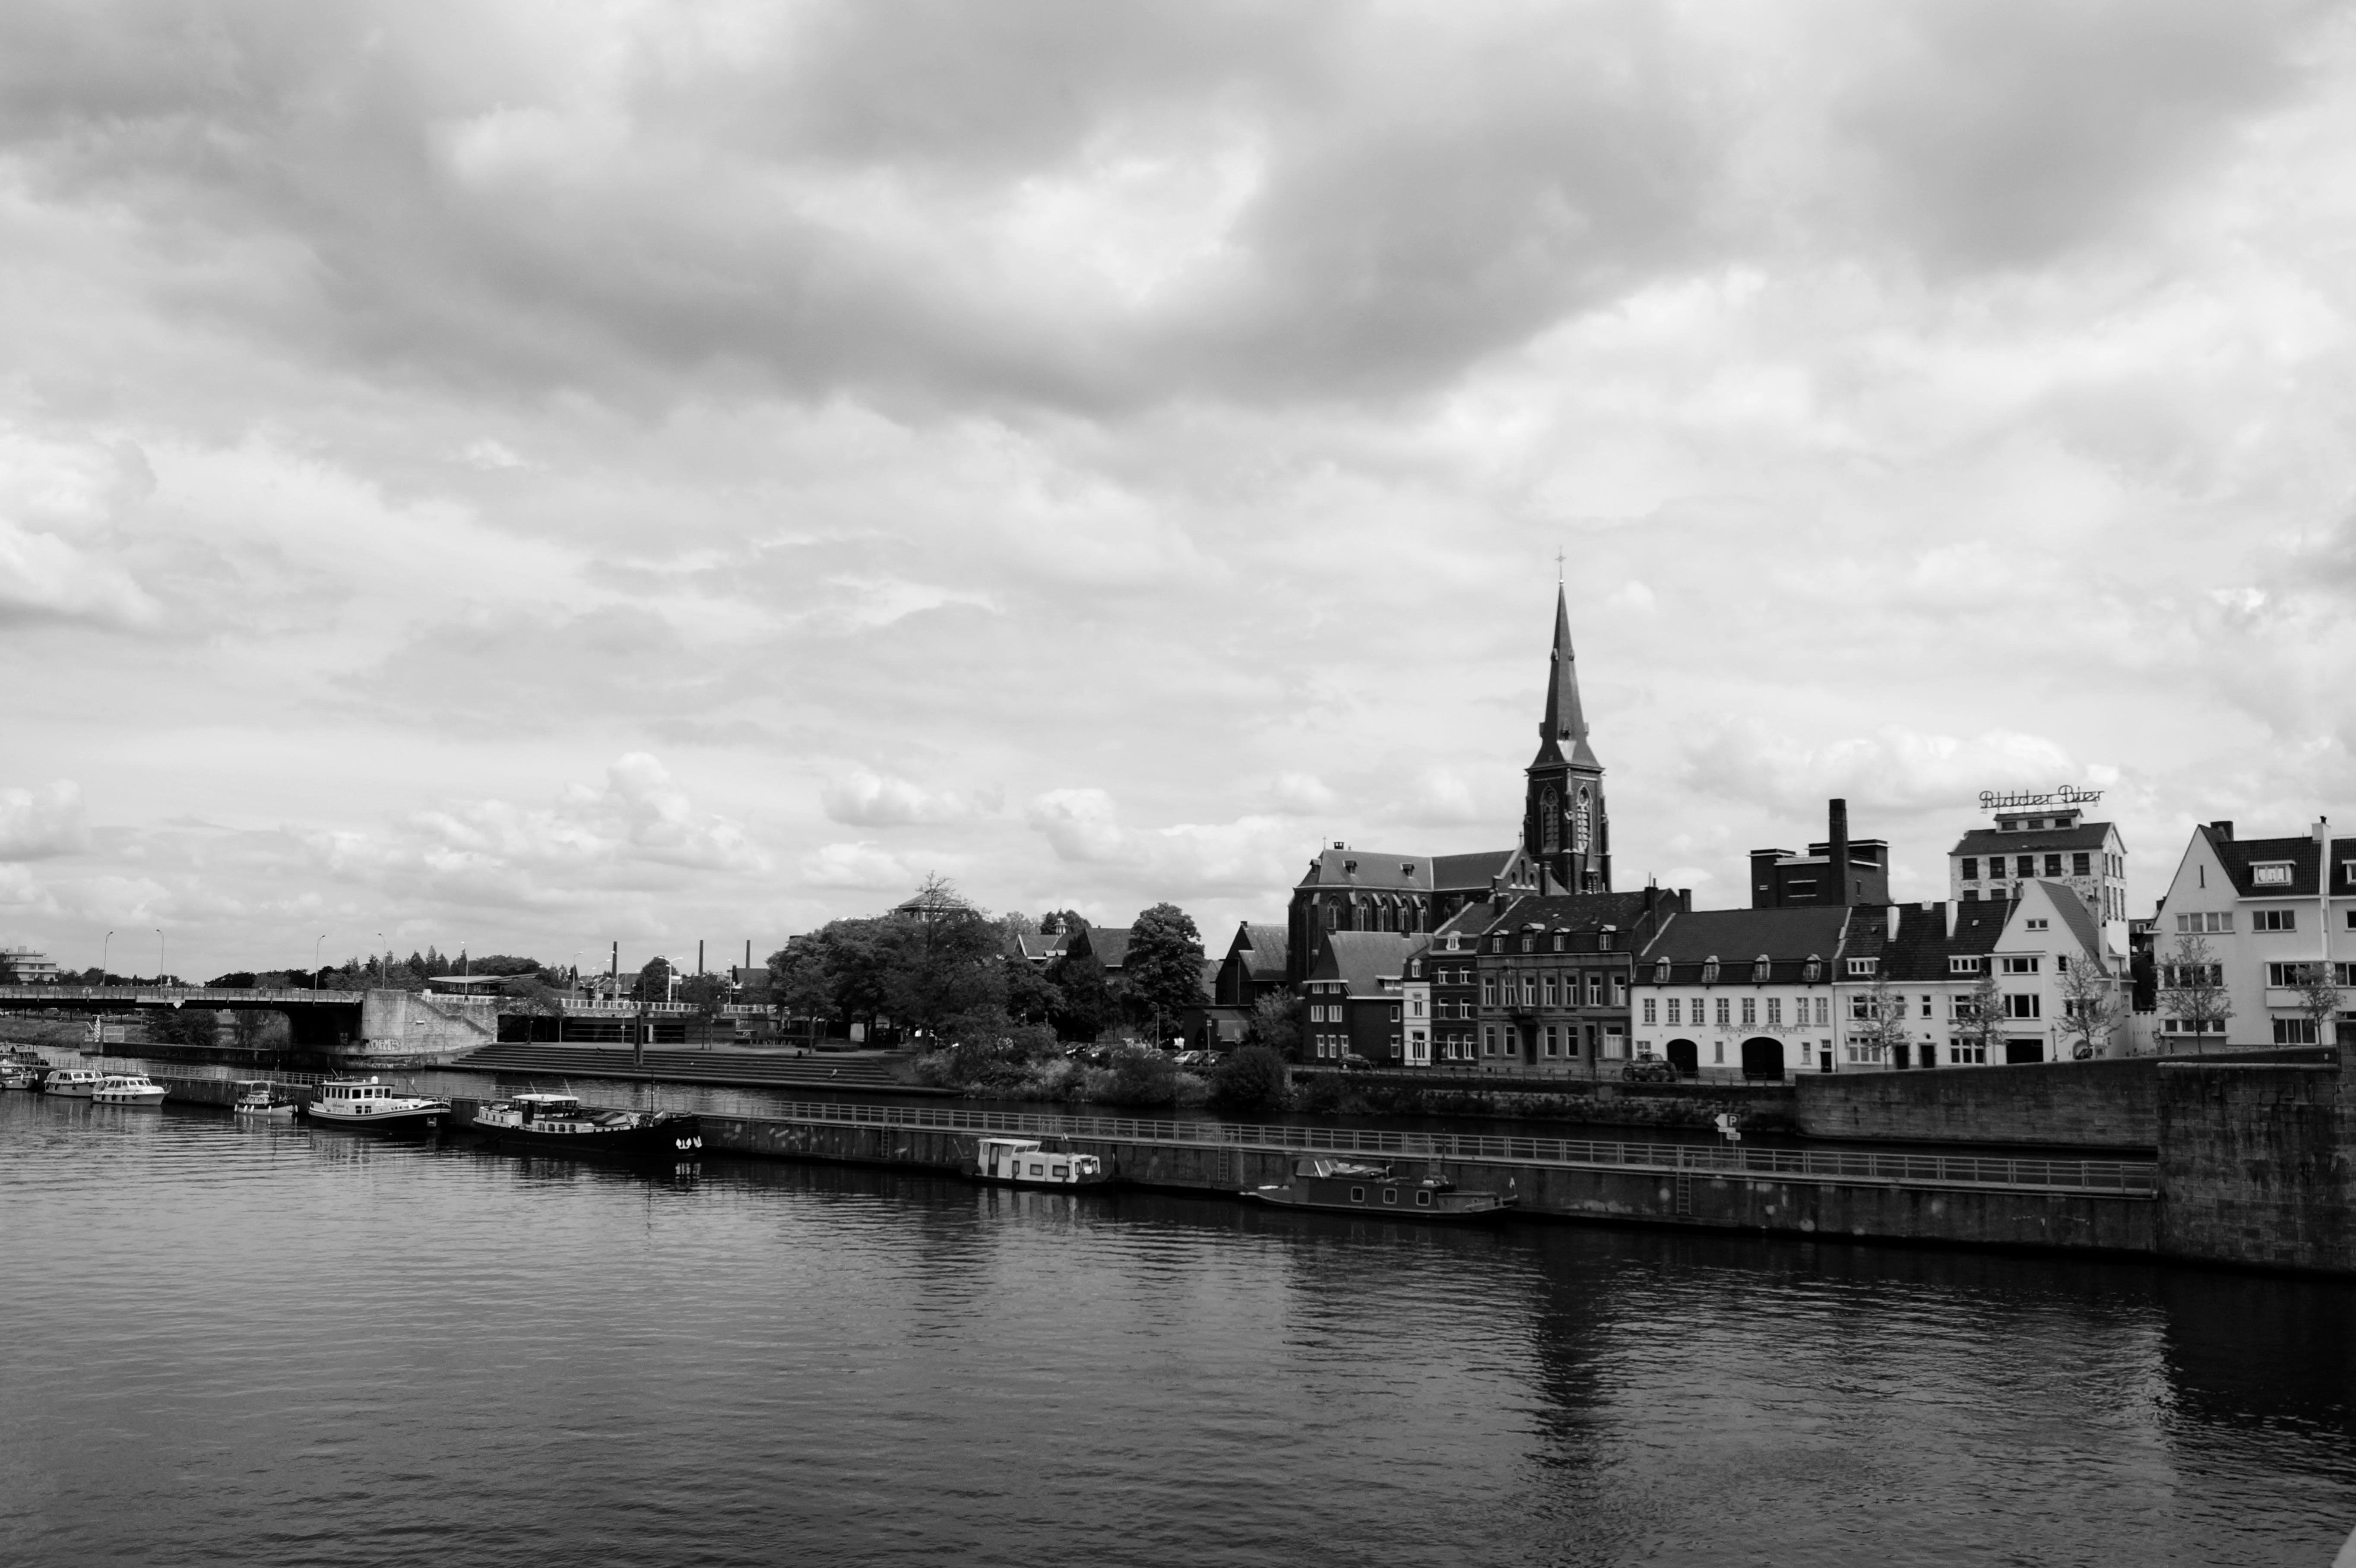 architecture, boats, bridge